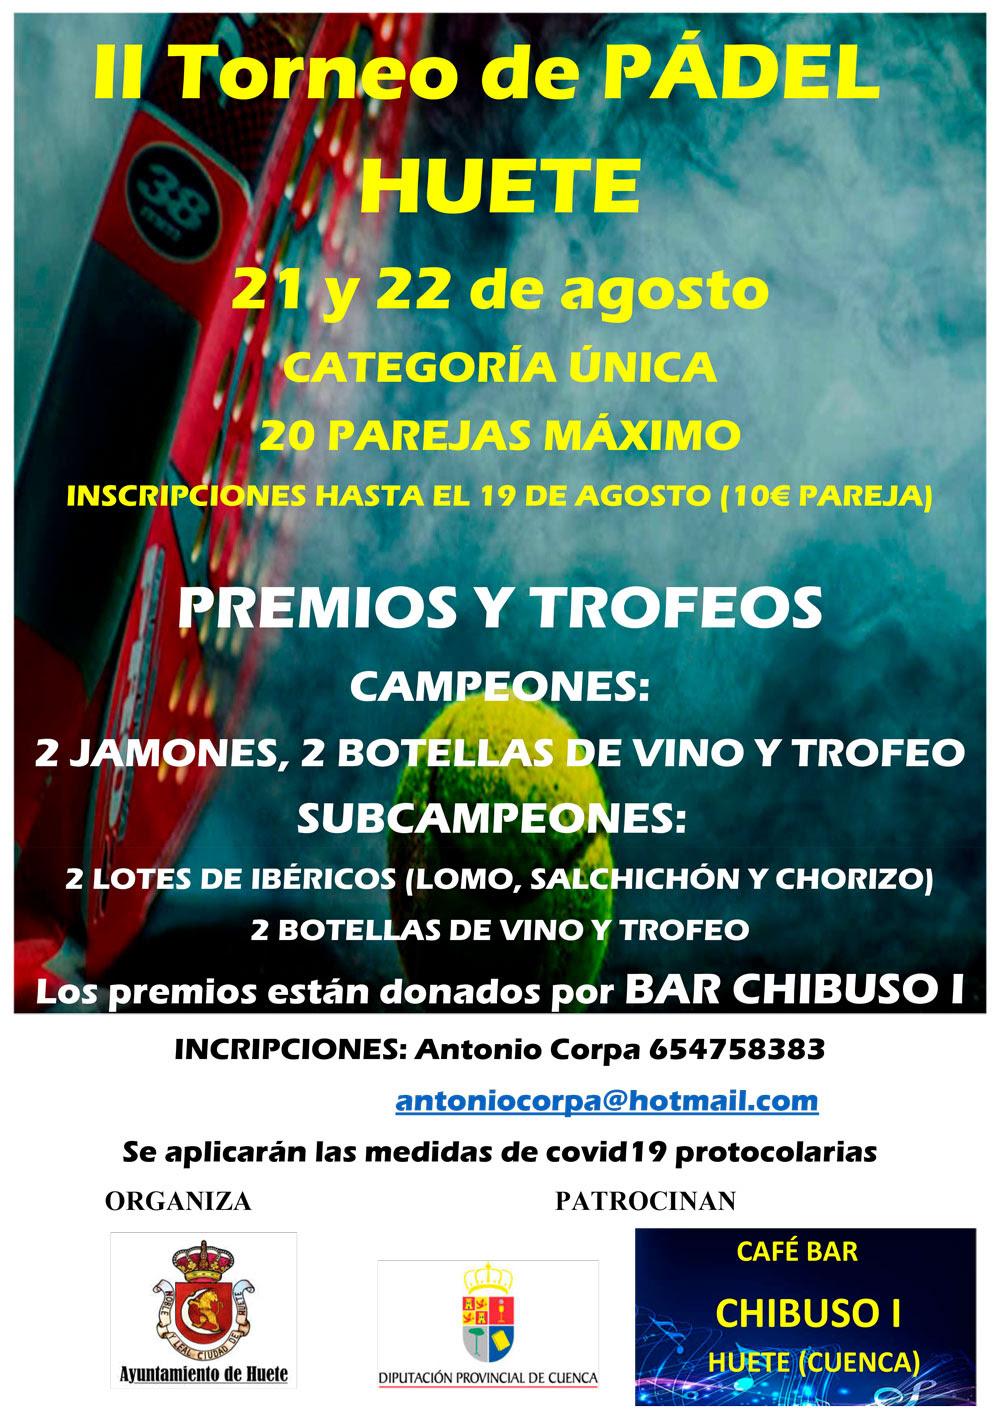 Huete celebrará su II Torneo de Pádel el 21 y 22 de agosto